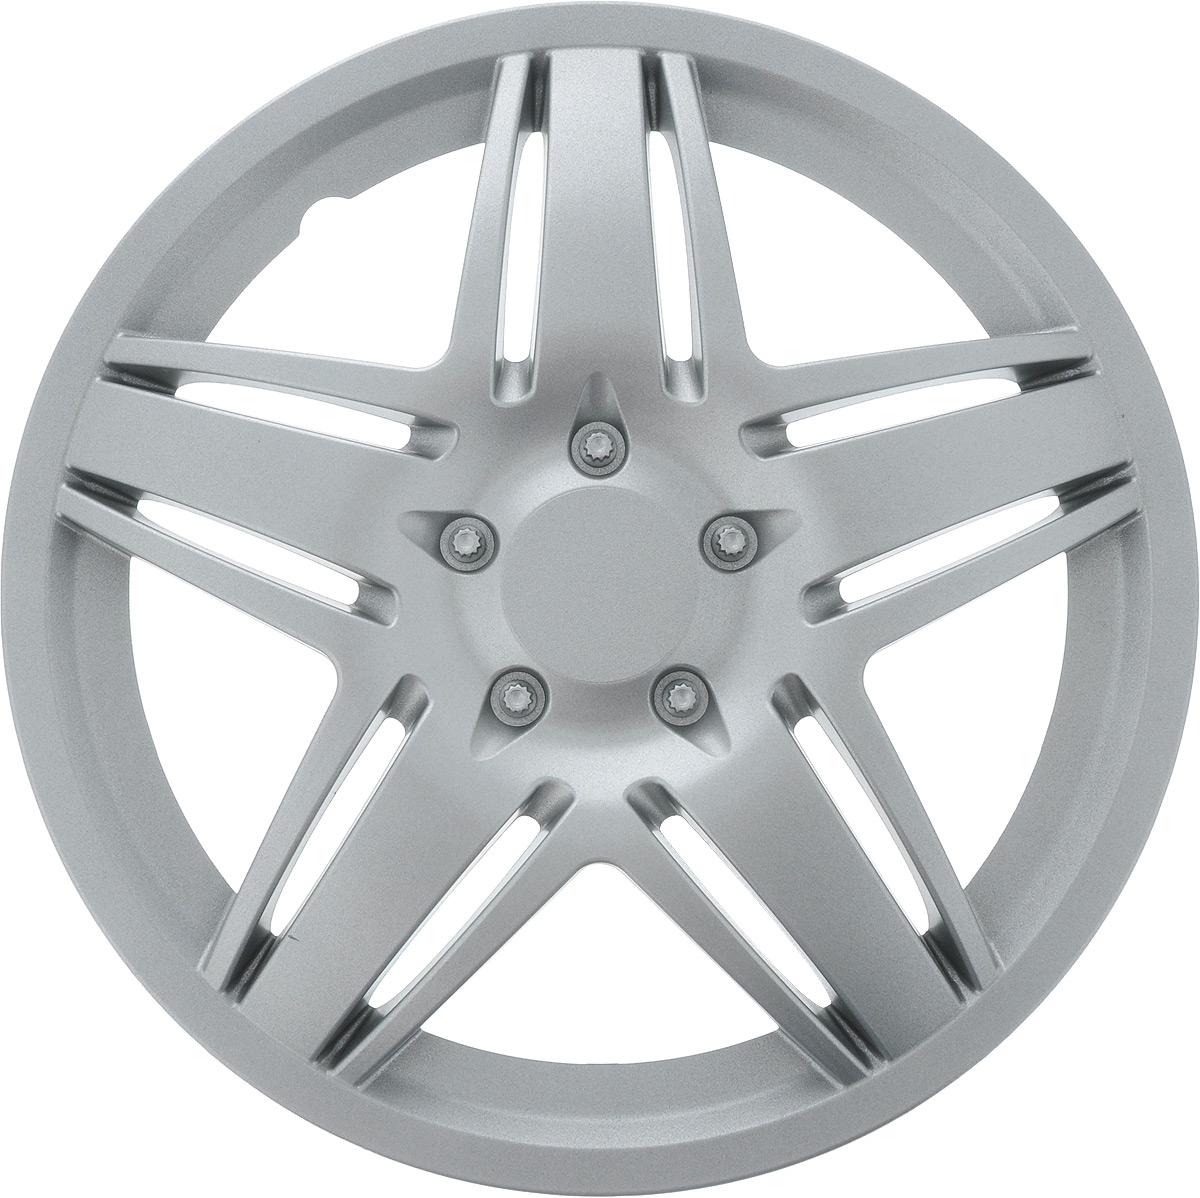 Колпак защитный Phantom Стар, R15 , декоративный, 1 шт. PH5766PH5766Колпак Phantom Стар предназначен для защиты колесного диска и тормозной системы от загрязнений, а также для декоративного украшения автомобиля.Колпак изготовлен из высококачественного масло-бензостойкого пластика, а крепление в виде распорного кольца - из металла.Размер колеса: R15.Диаметр колпака: 41,5 см.